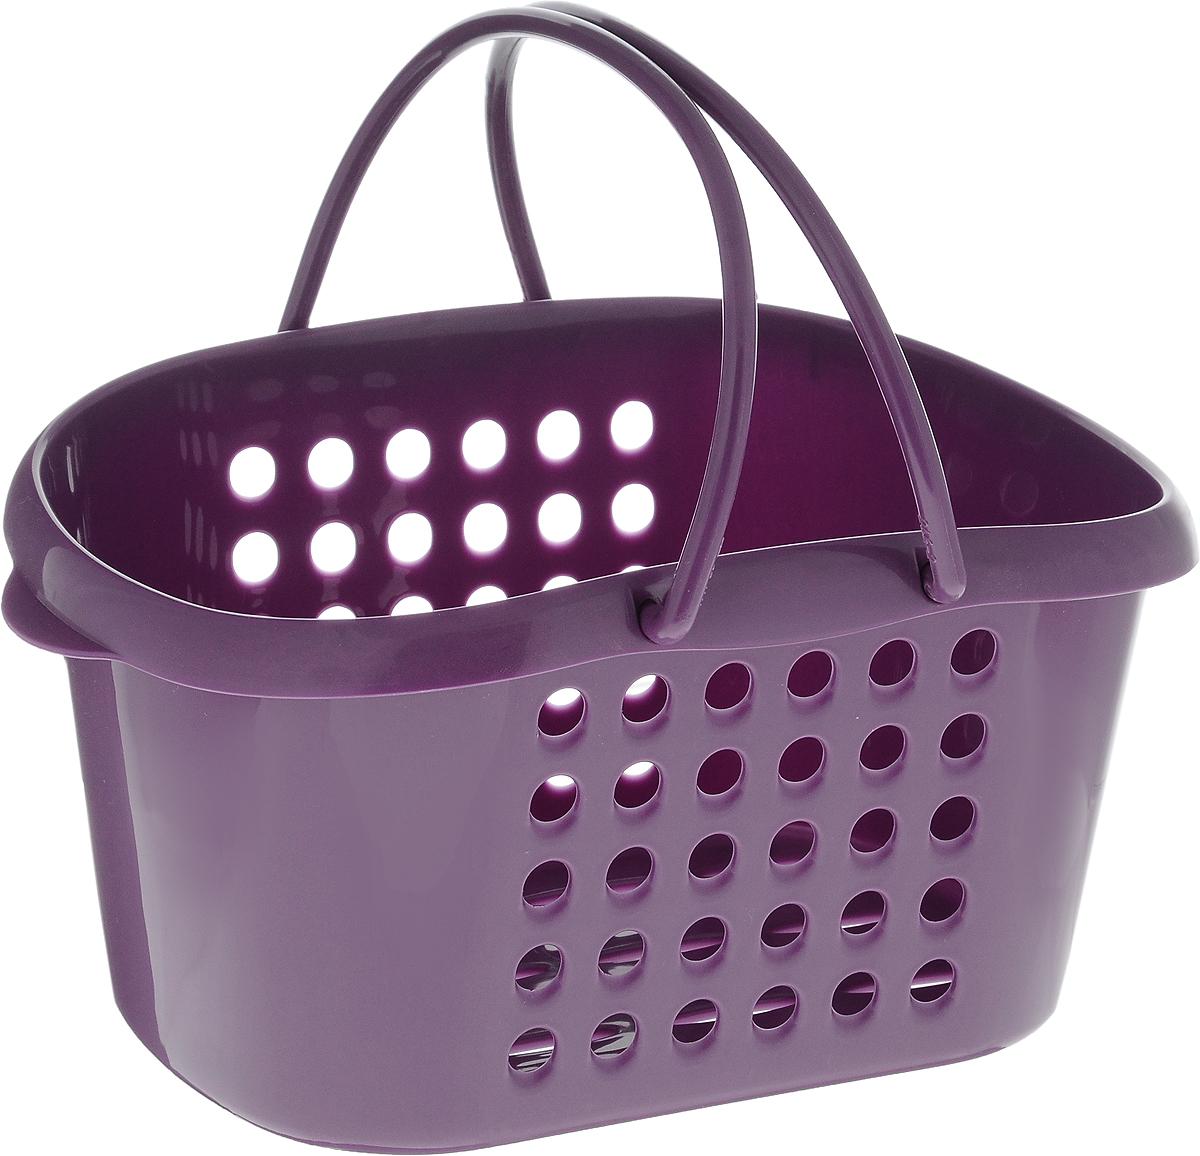 Корзинка универсальная Бытпласт, с ручками, цвет: фиолетовый, 23 х 17,5 х 11,5 см847544_фиолетовыйУниверсальная корзинка Бытпласт изготовлена из высококачественного пластика и предназначена для хранения и транспортировки вещей. Корзинка подойдет как для пищевых продуктов, так и для ванных принадлежностей и различных мелочей. Изделие оснащено двумя ручками для более удобной транспортировки. Основание и стенки корзинки оформлены перфорацией. Универсальная корзинка Бытпласт позволит вам хранить вещи компактно и с удобством.